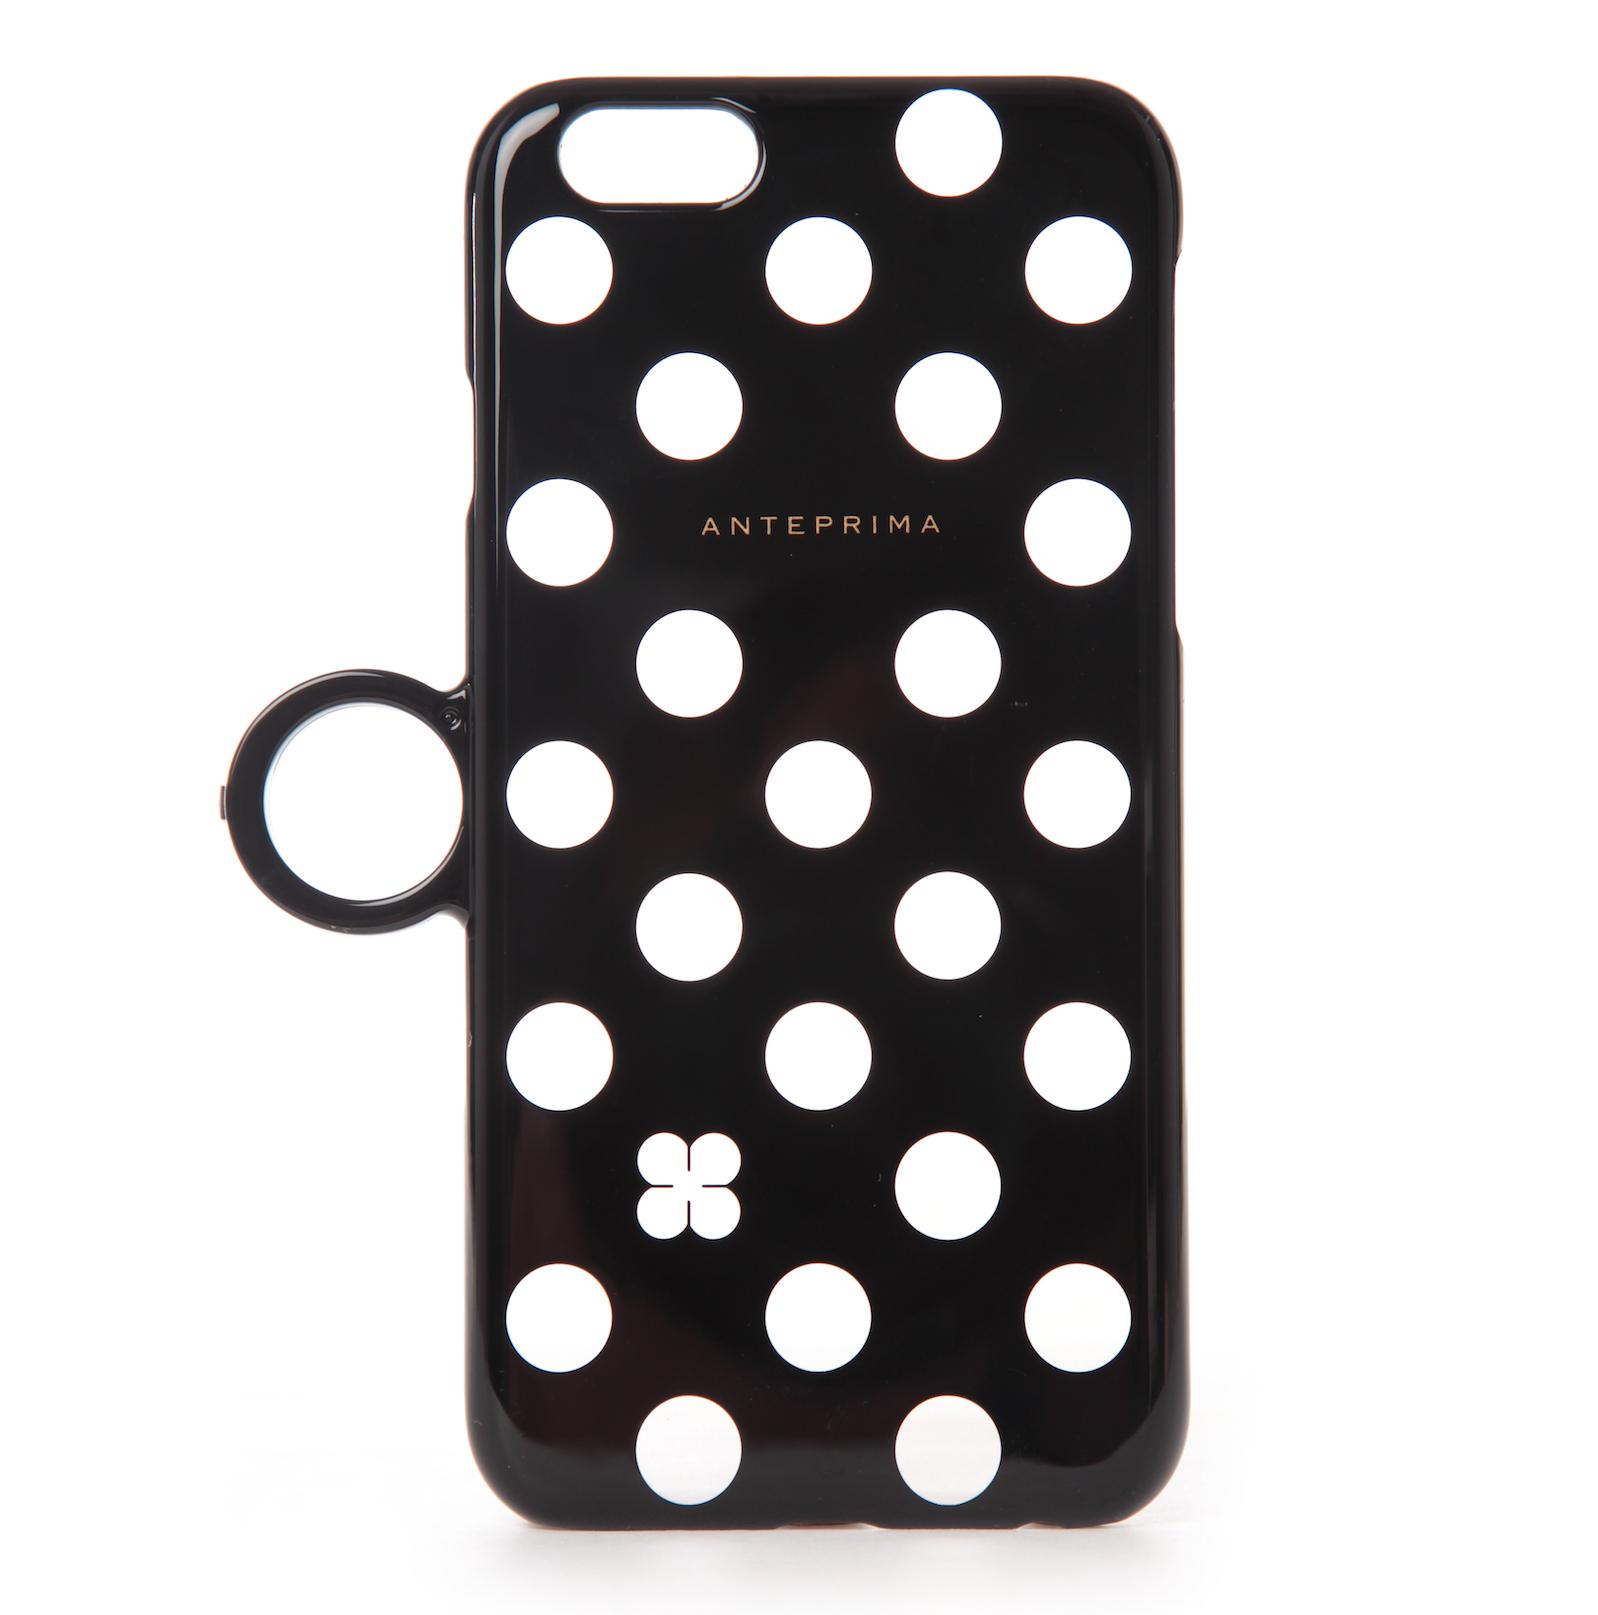 アンテプリマのiPhoneケースは、キラリと輝くリング付き♡_1